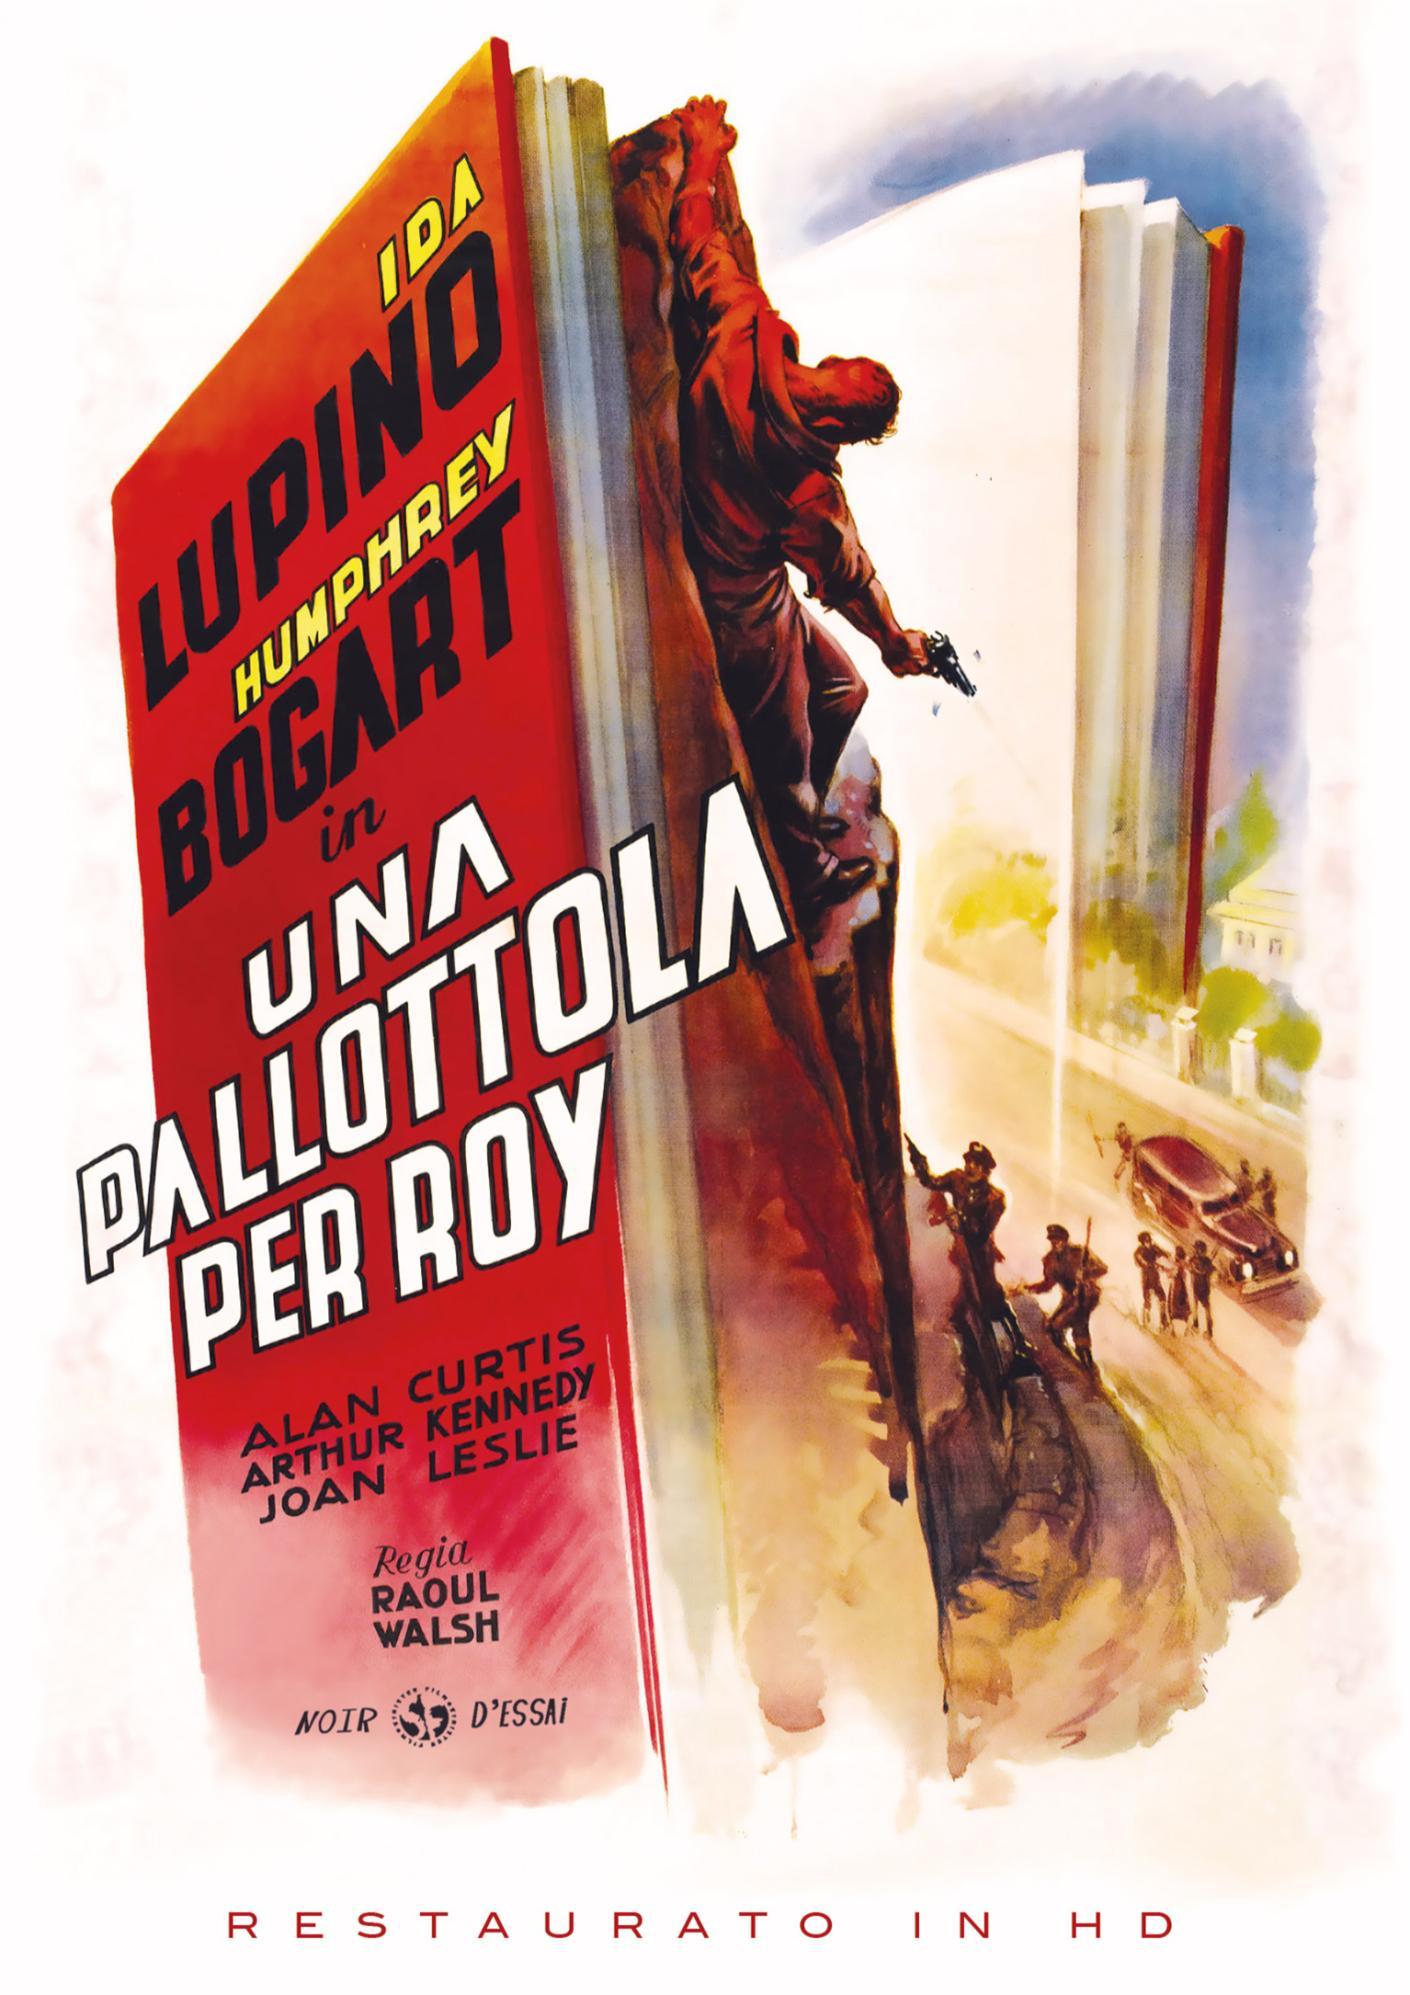 UNA PALLOTTOLA PER ROY (RESTAURATO IN HD) (DVD)